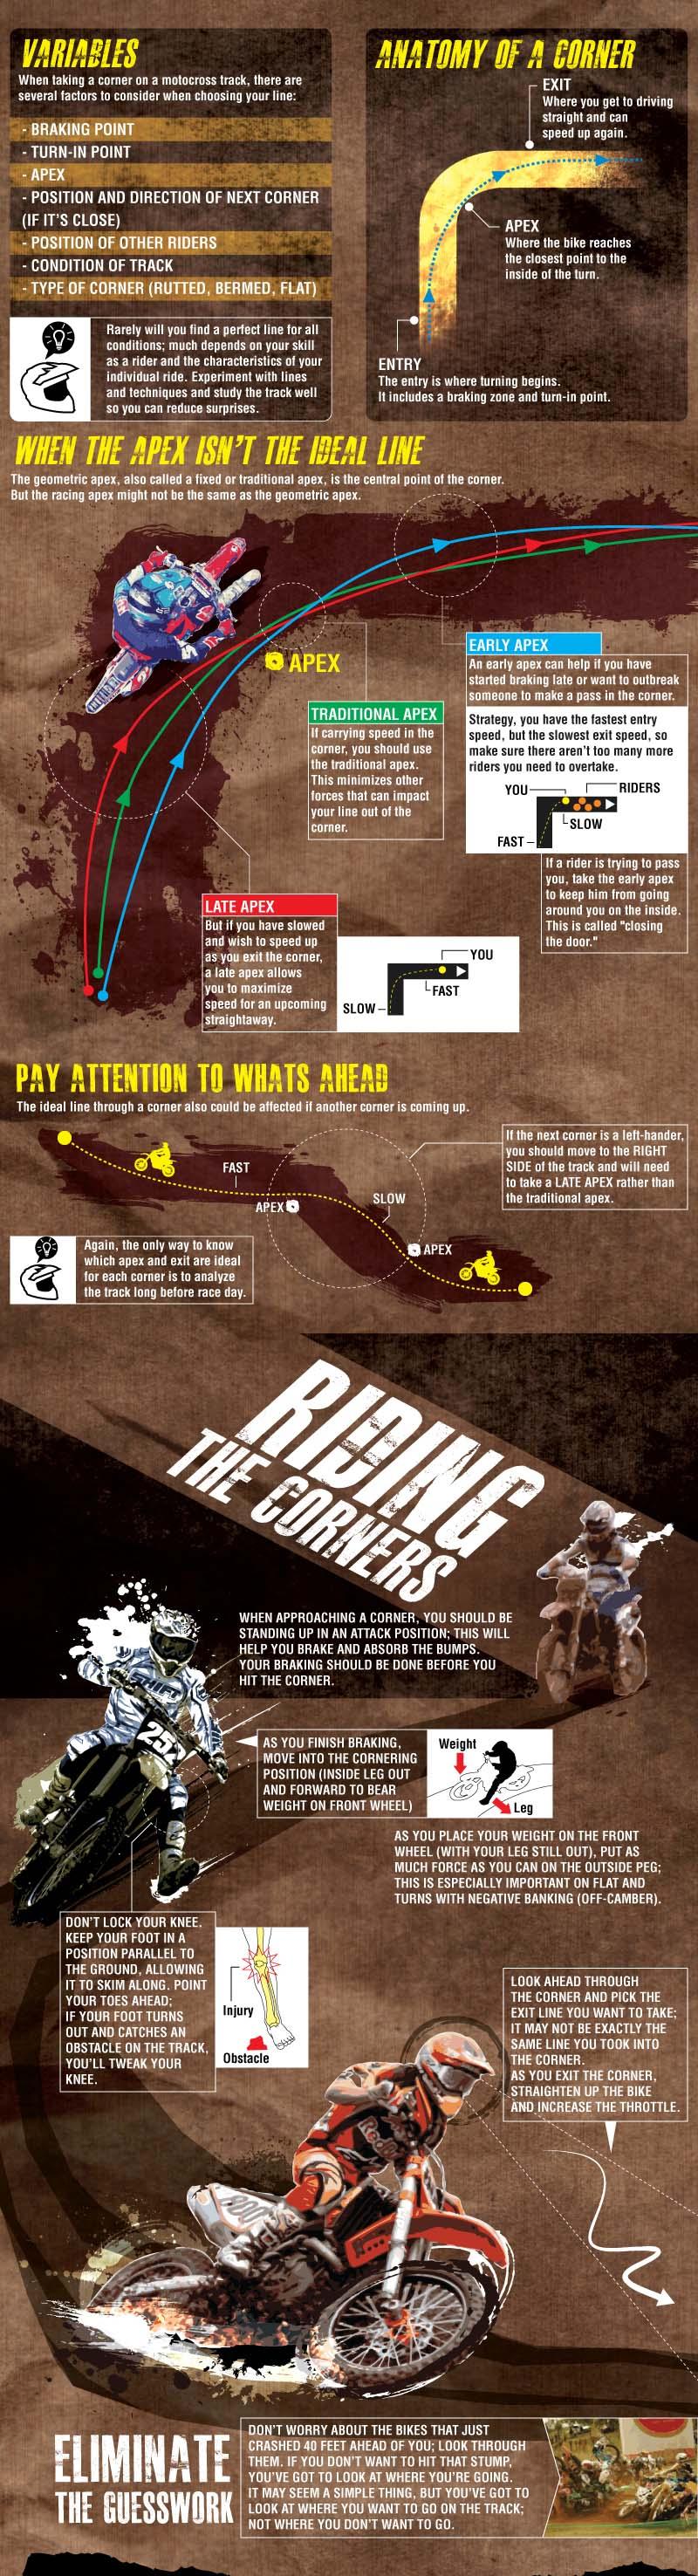 Motocross bike racing tips